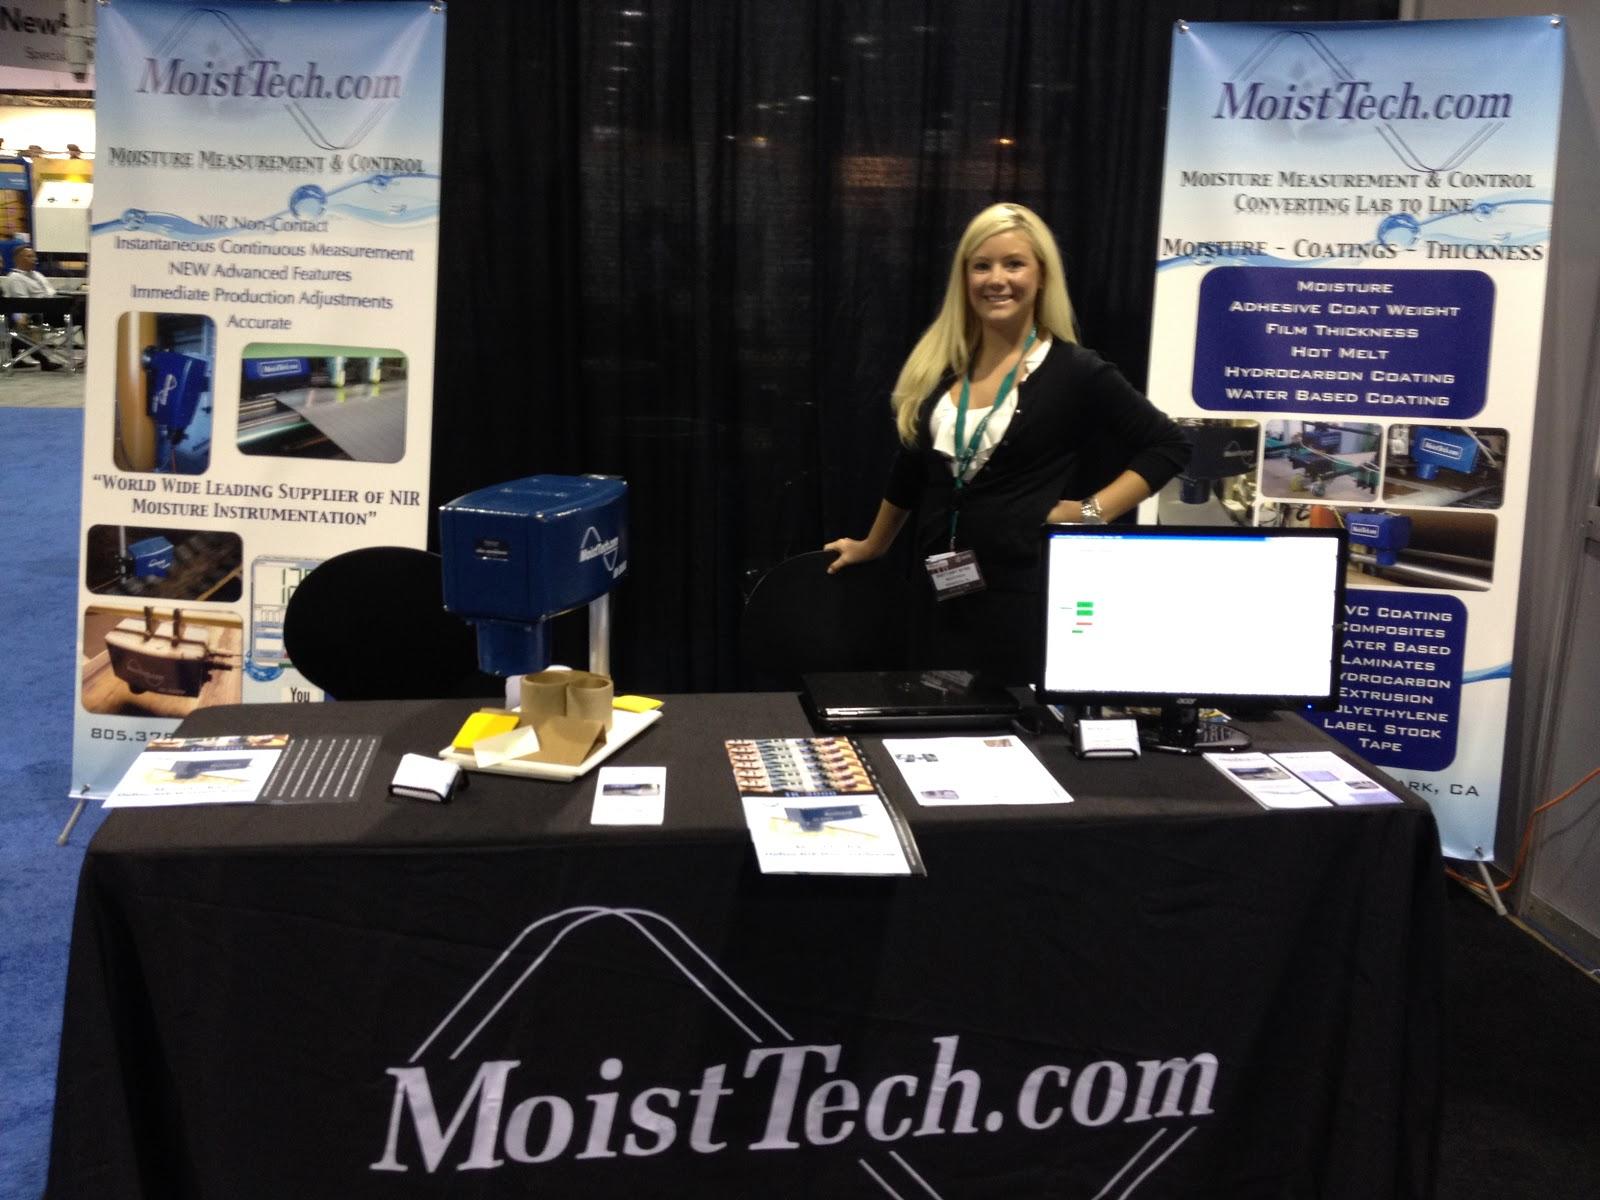 MoistTech Booth